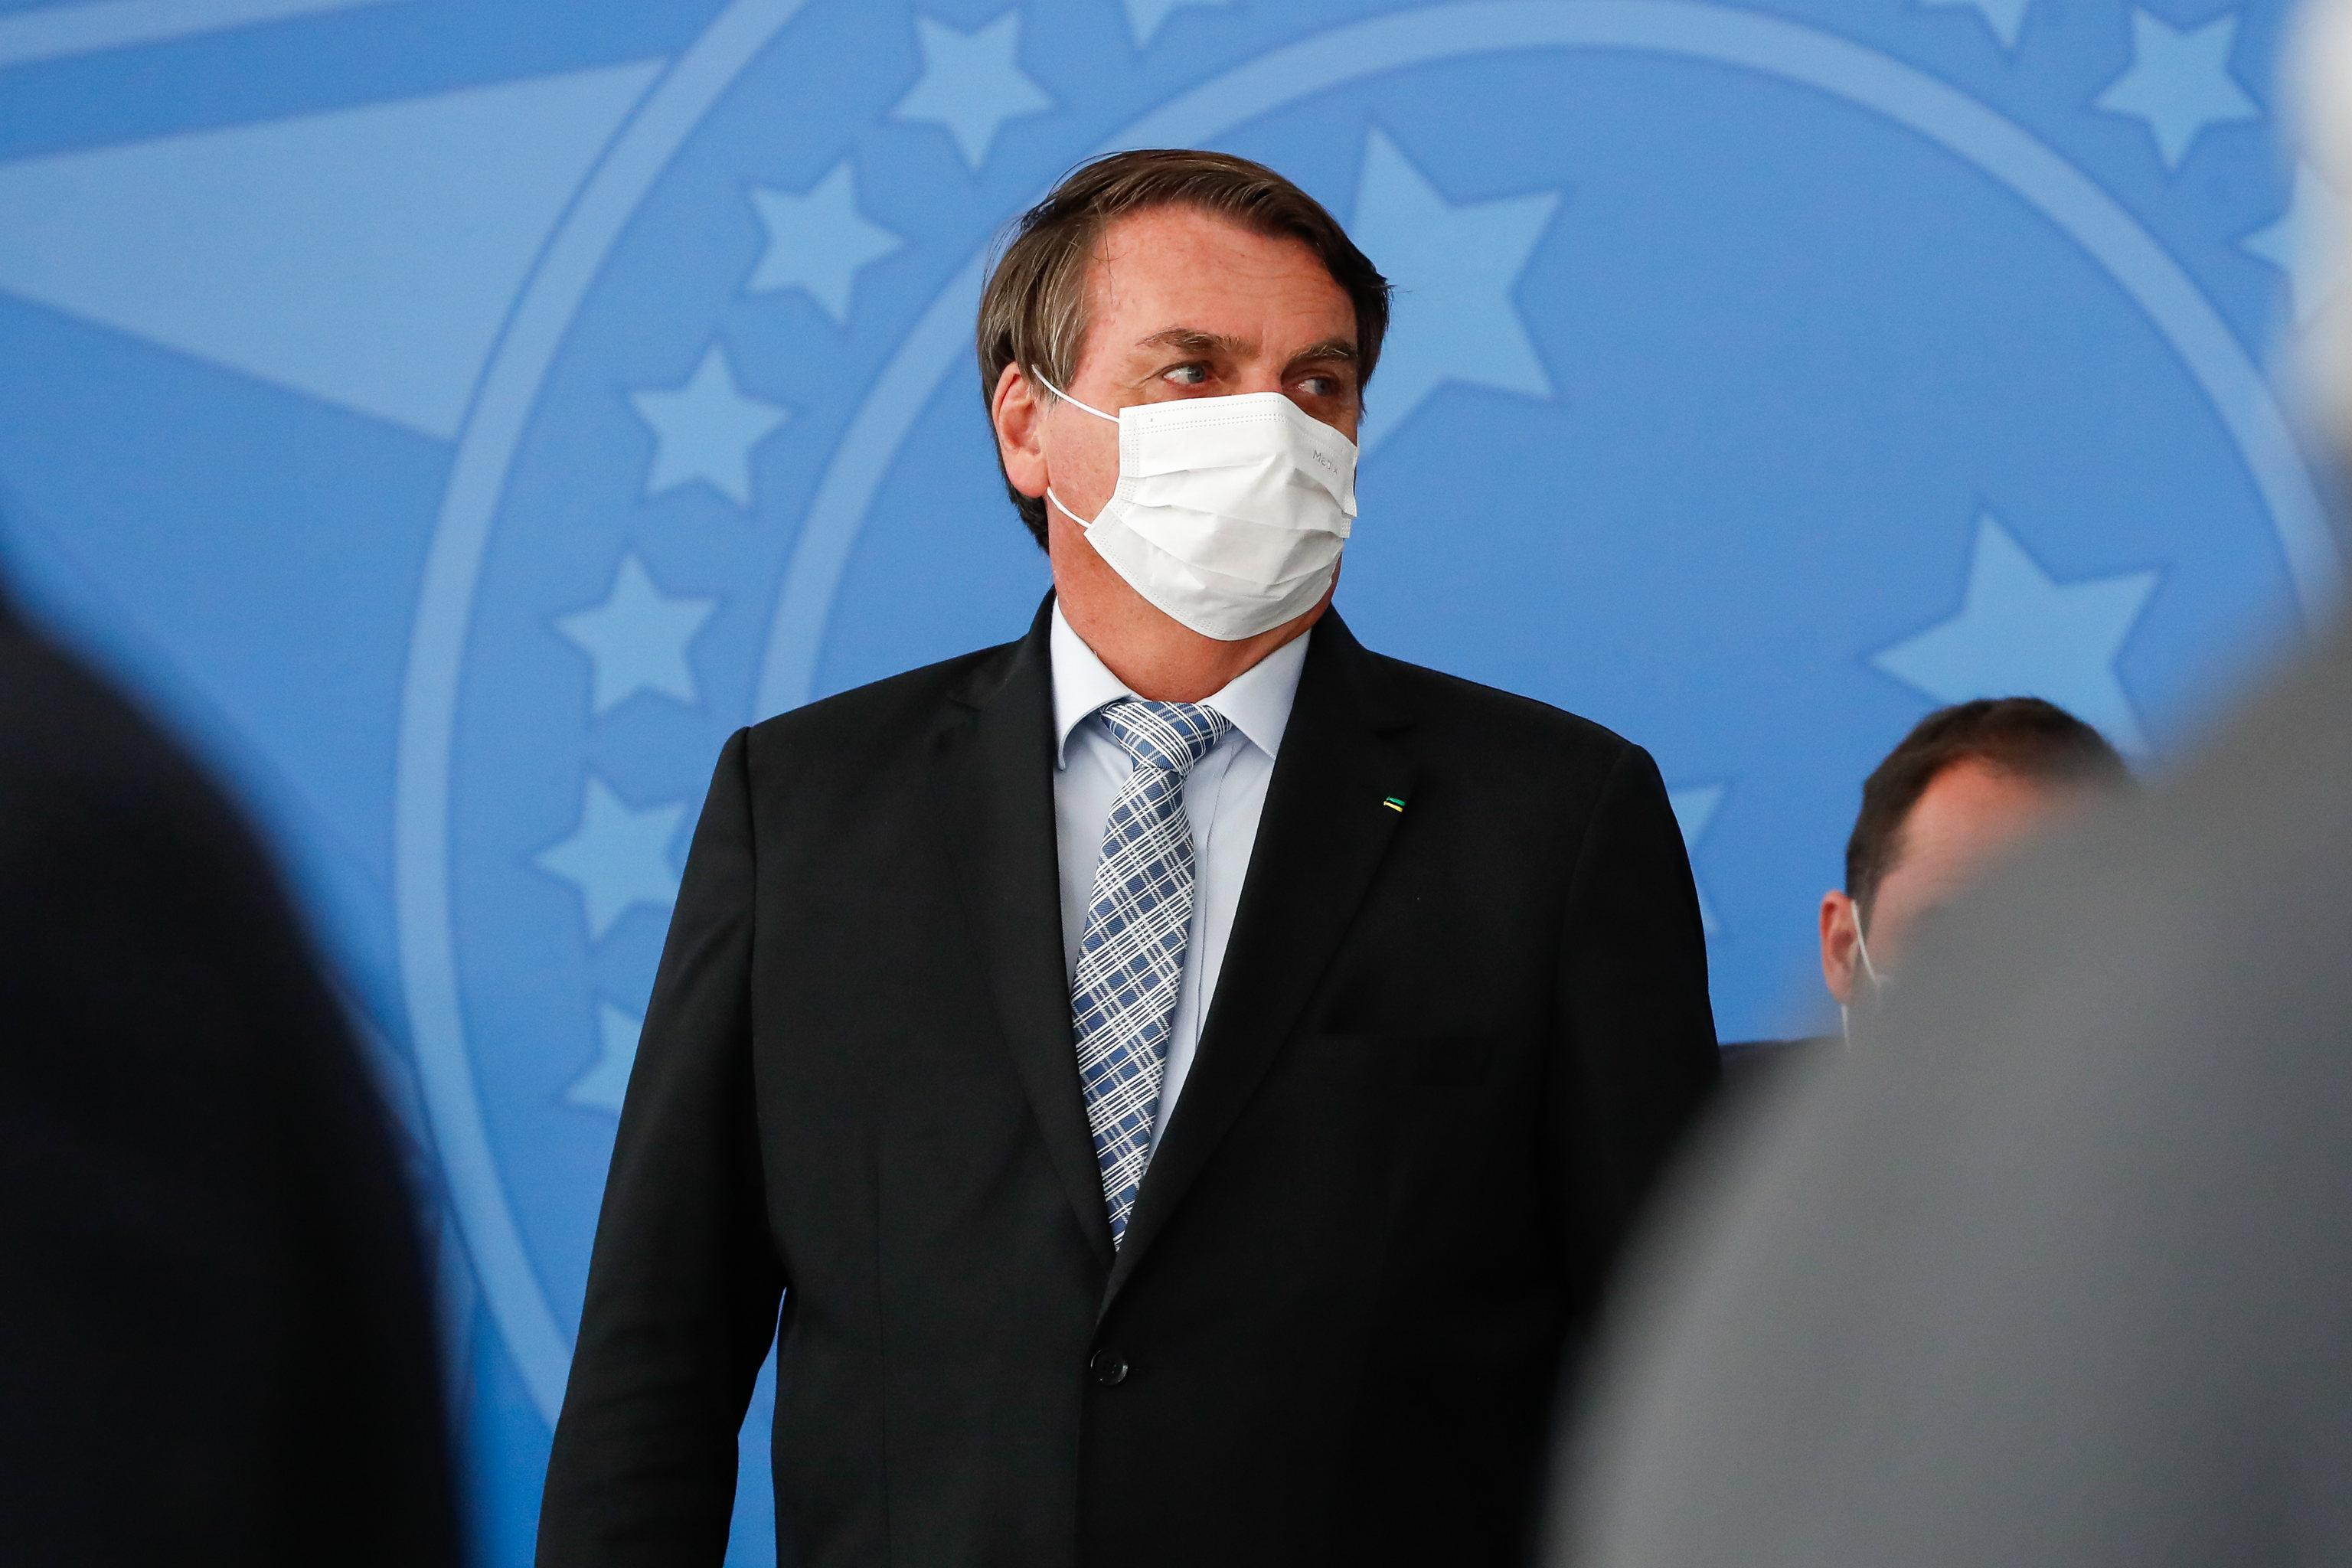 Jair Bolsonaro usa máscara durante cerimônia no Palácio do Planalto